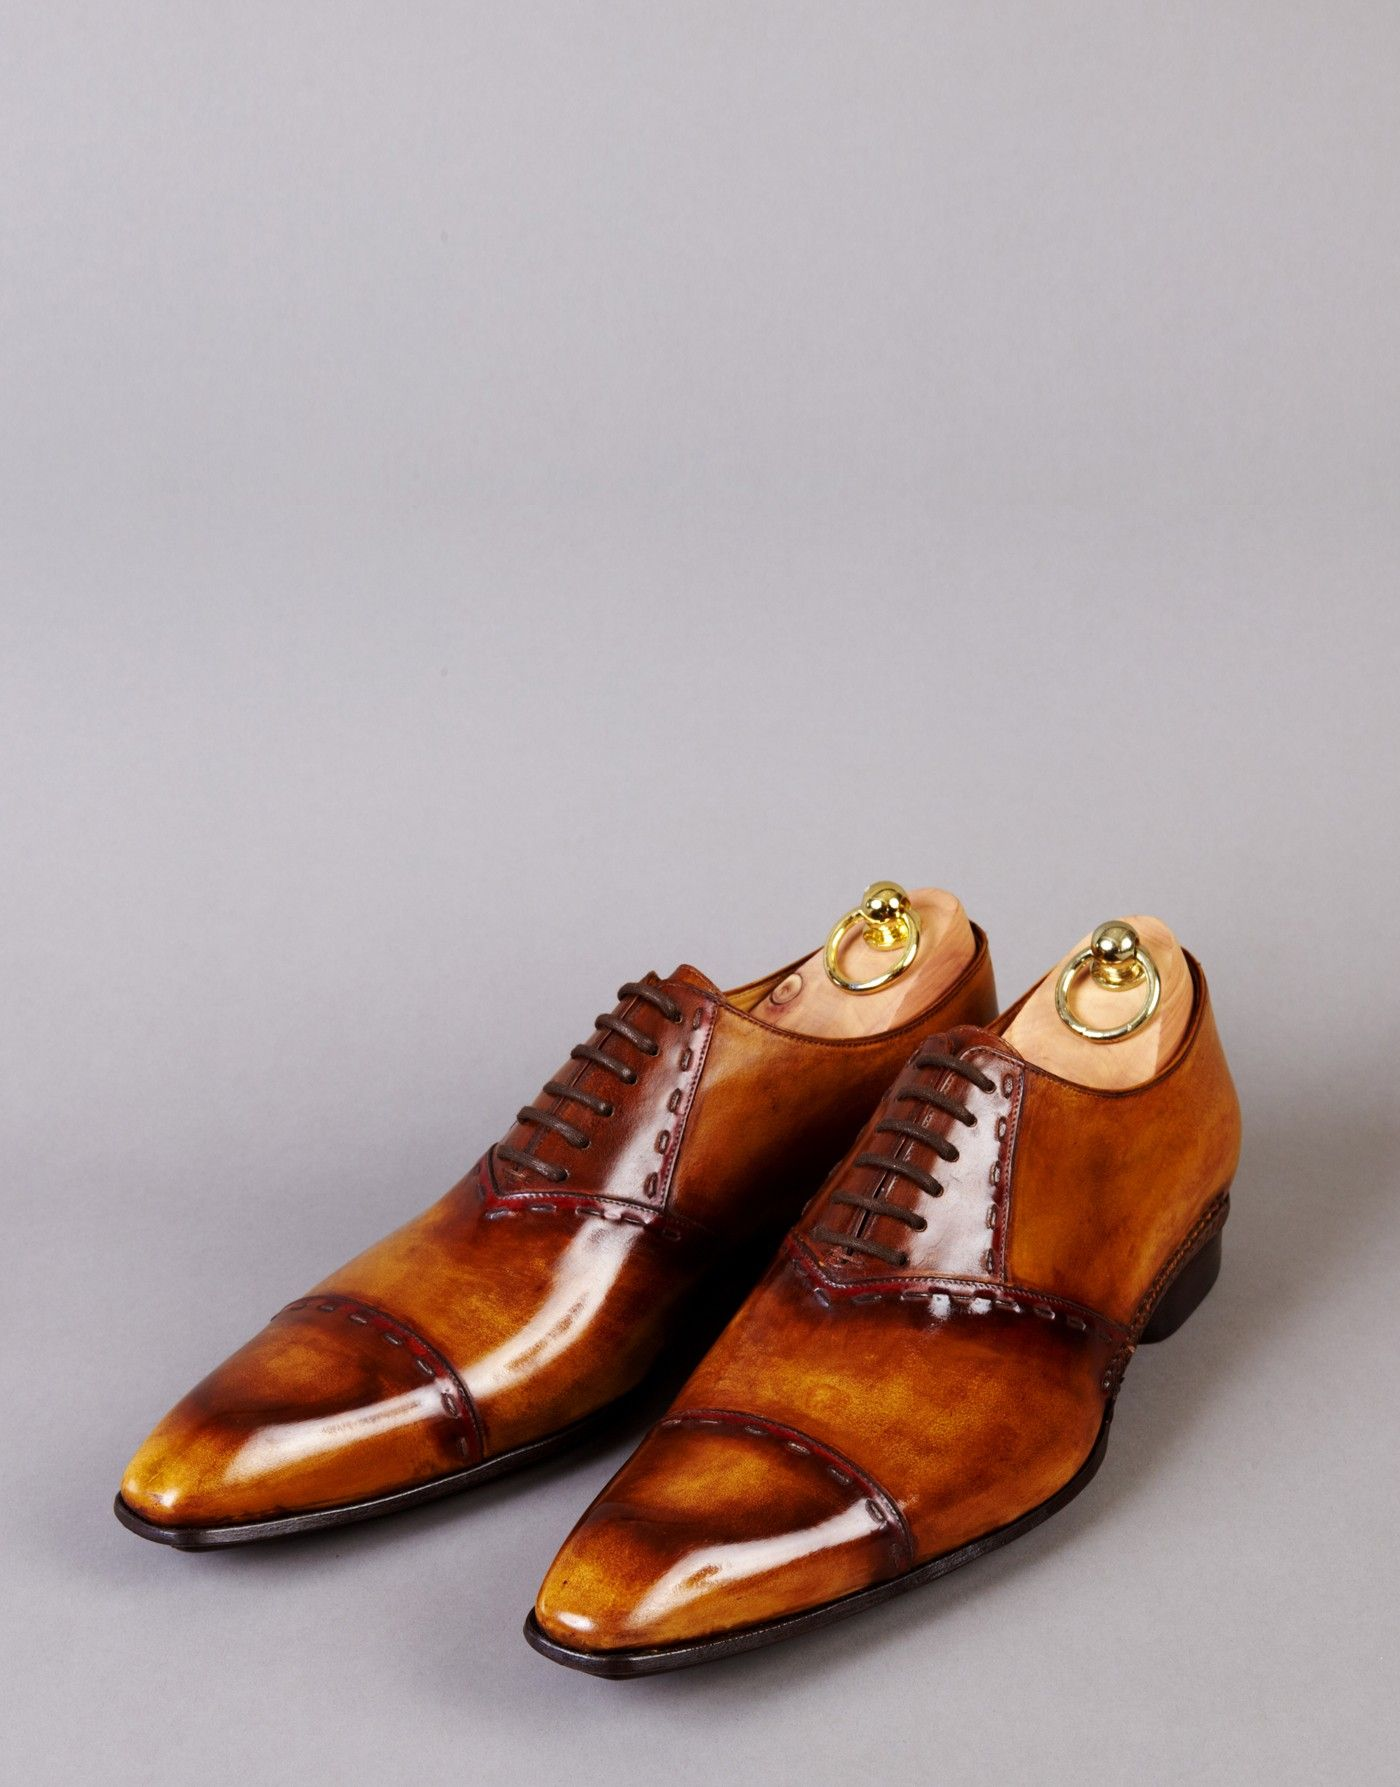 Henrique enko pr t porter haut de gamme chaussures en cuir patin es pour homme men 39 s - Pret a porter homme haut de gamme ...